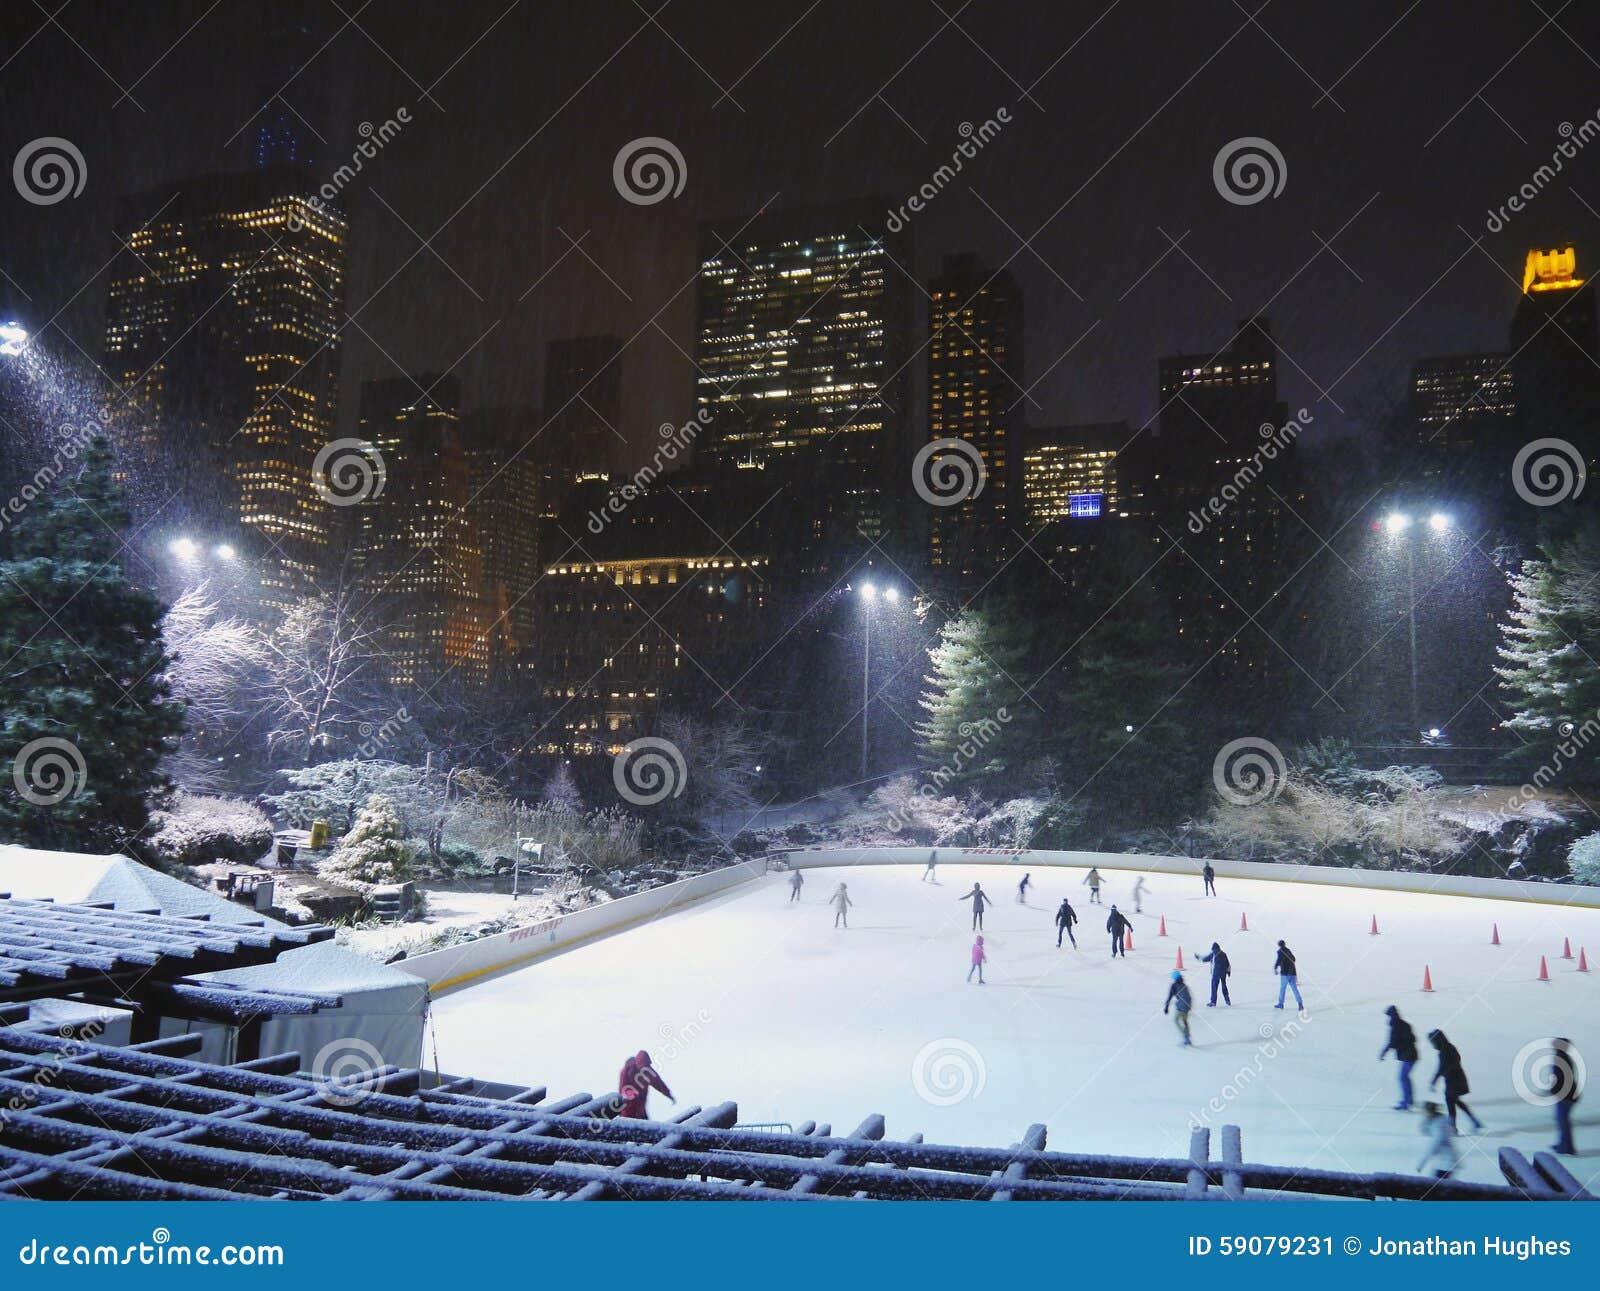 De ijsschaatsers genieten van een winters centraal park onder sneeuw, NYC